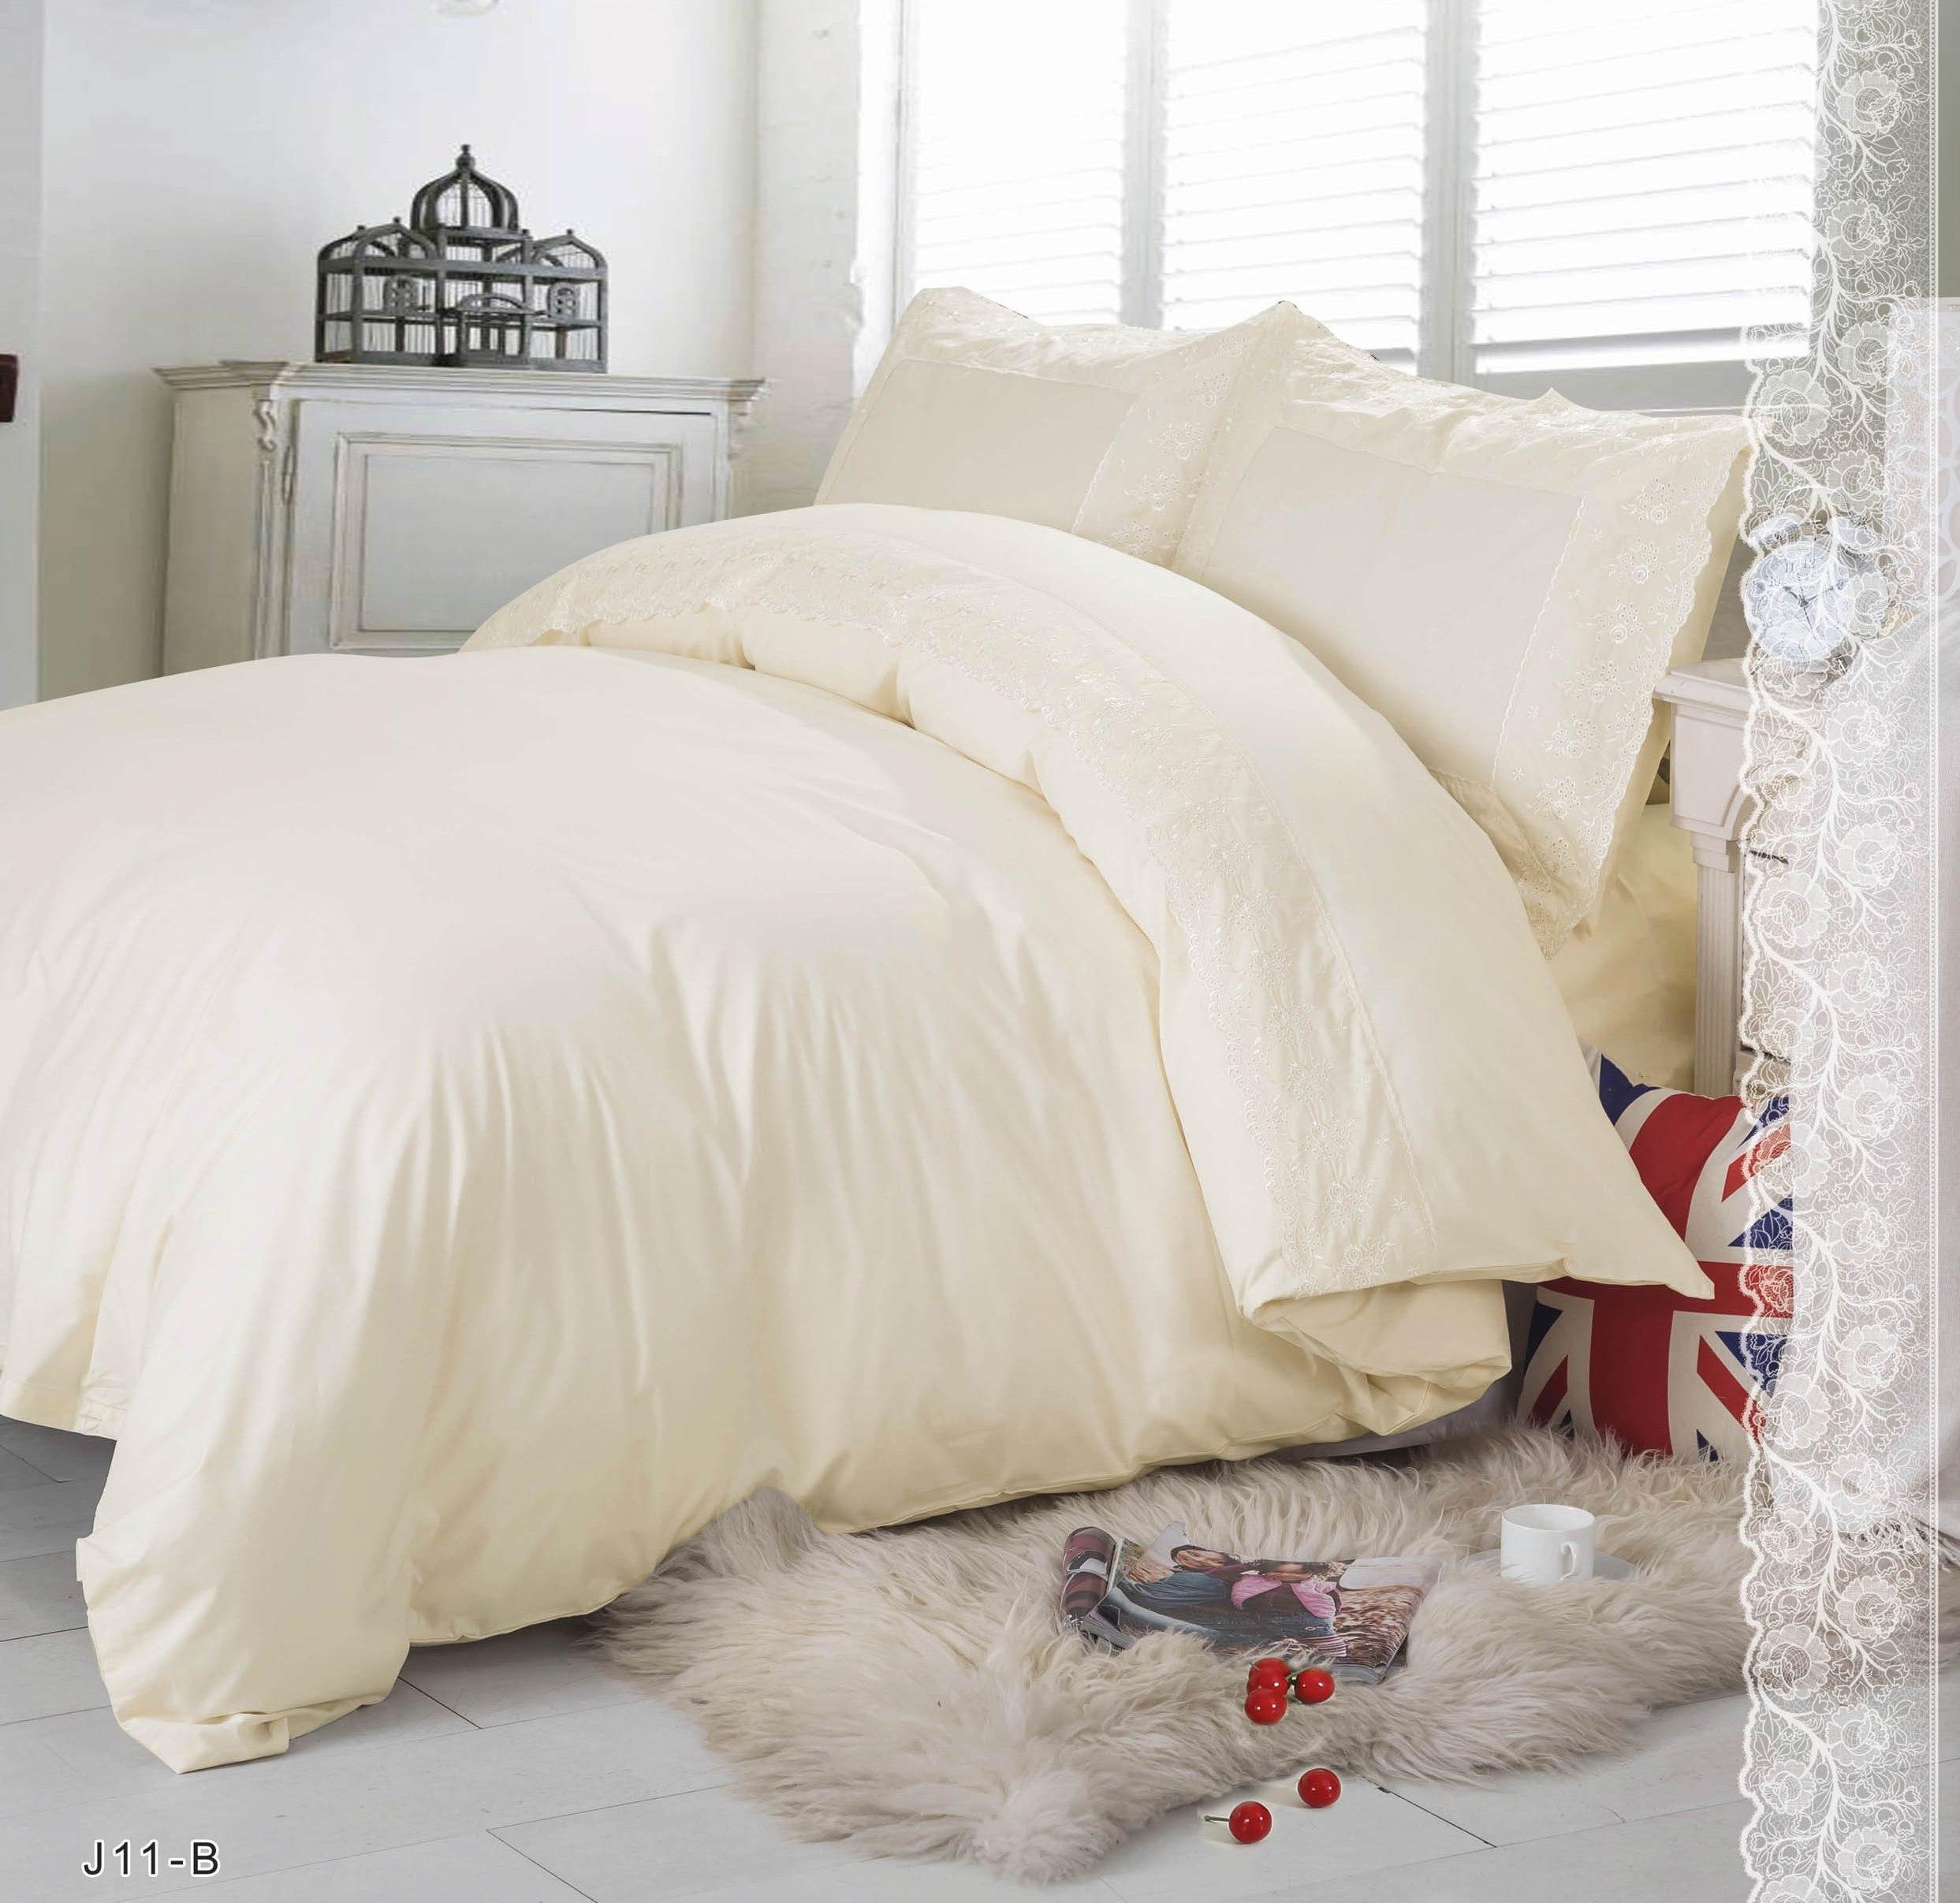 Купить Комплекты постельного белья СайлиД, Постельное белье Bettie J-11-В (2 сп. евро), Китай, Поплин